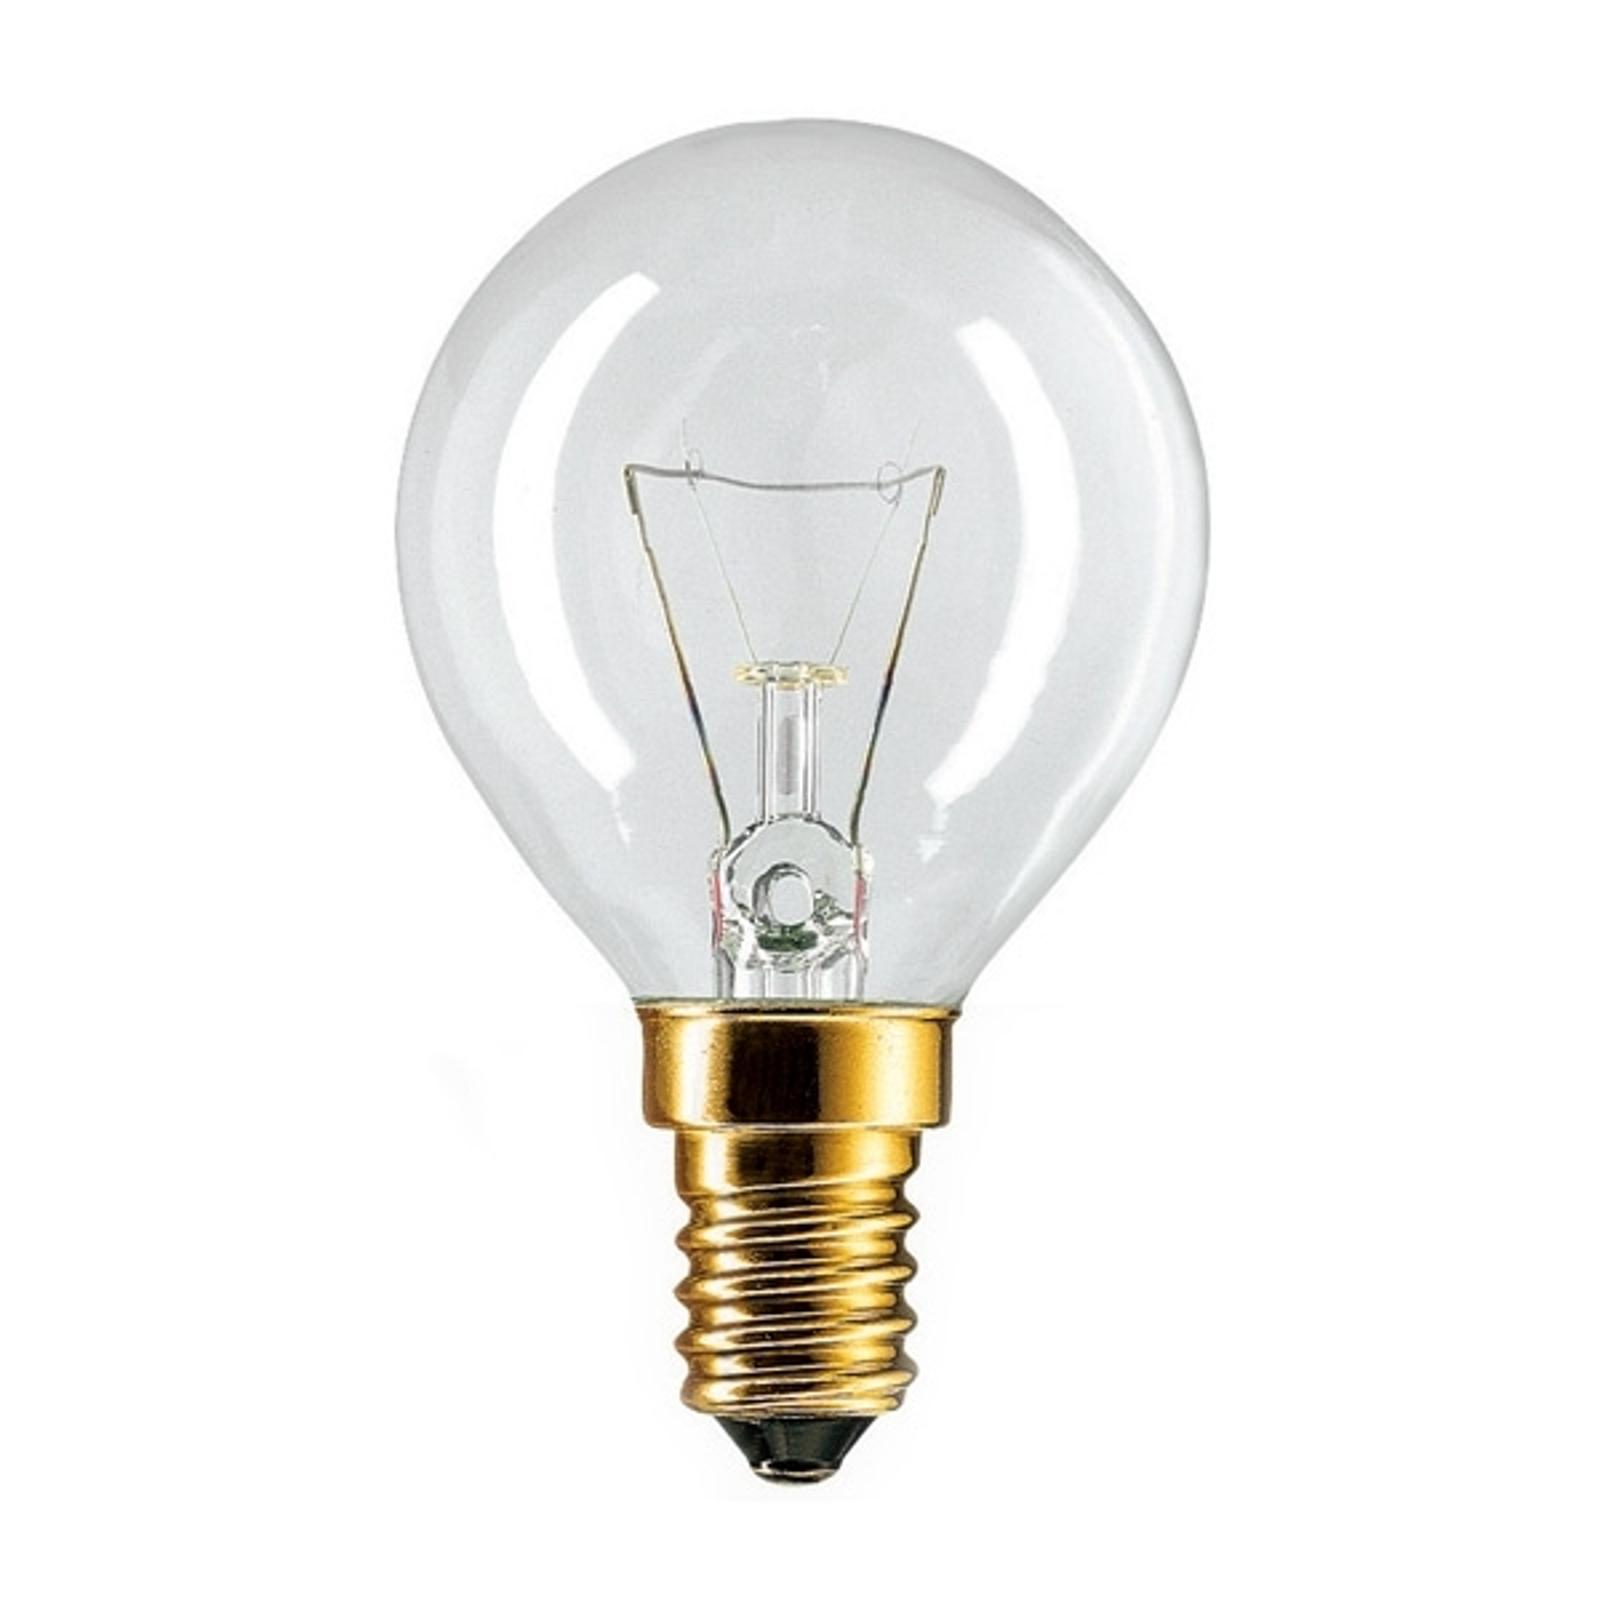 ampoule claire pour four e14 40w jusqu a 300